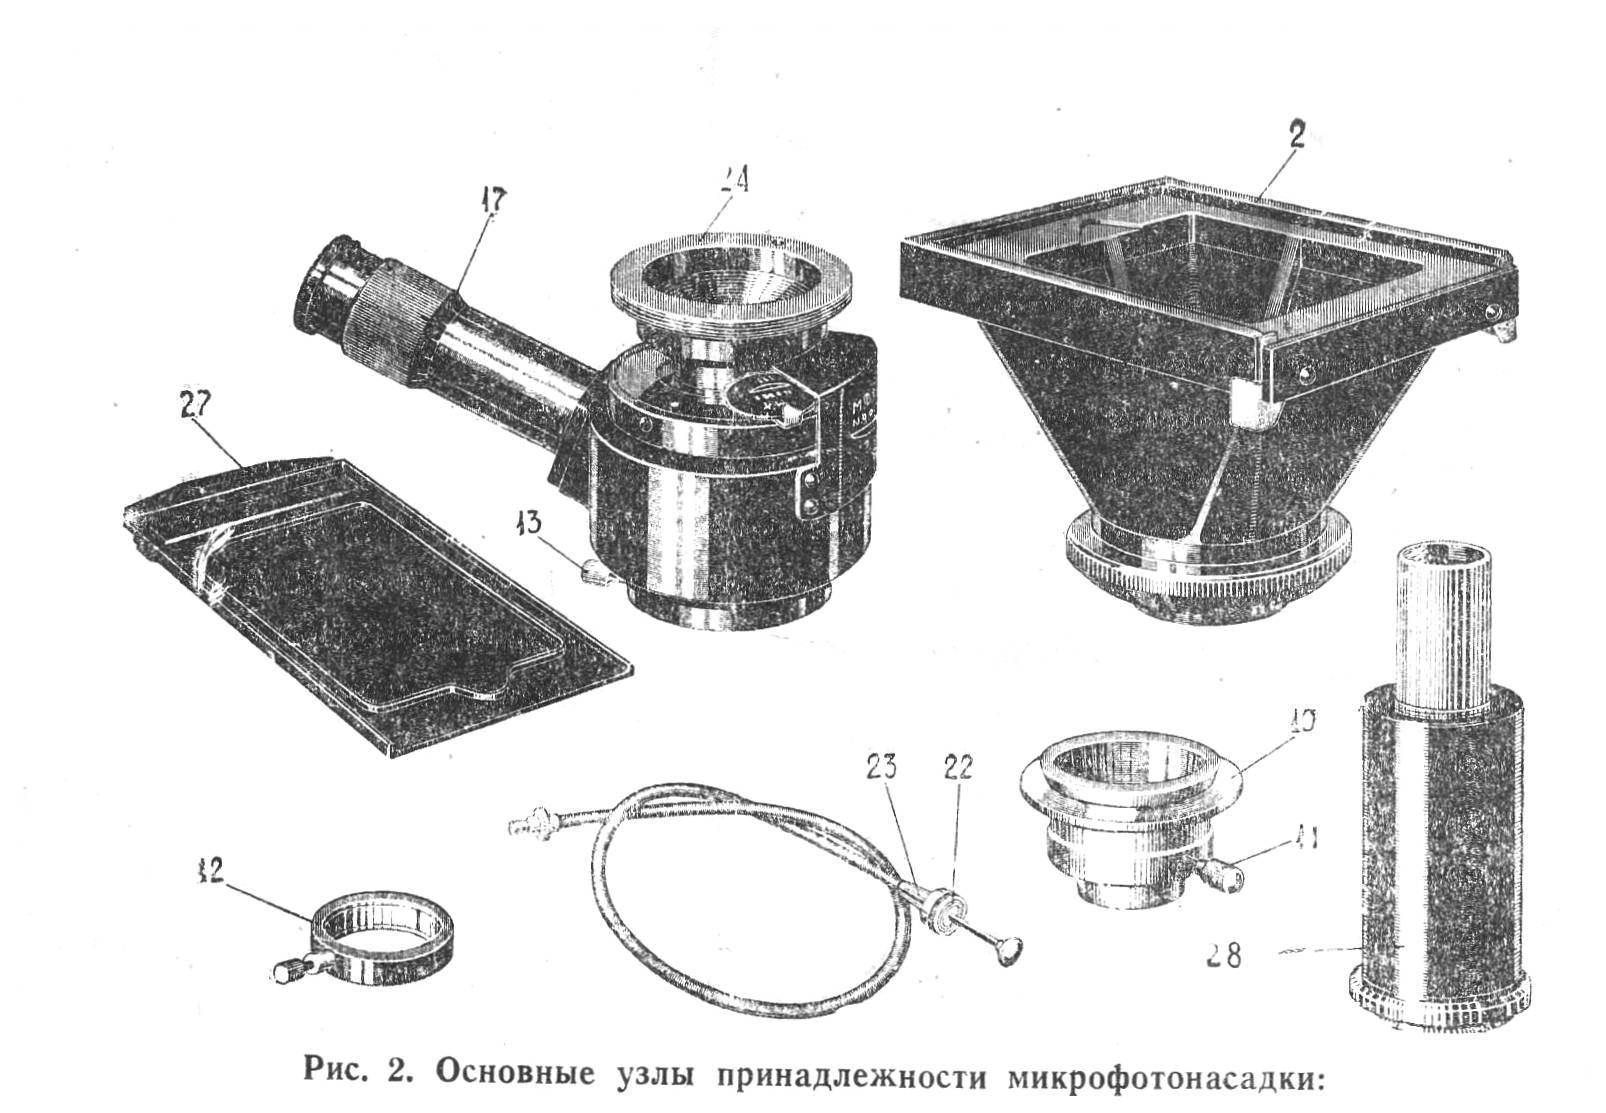 мфн-1 рис. 2